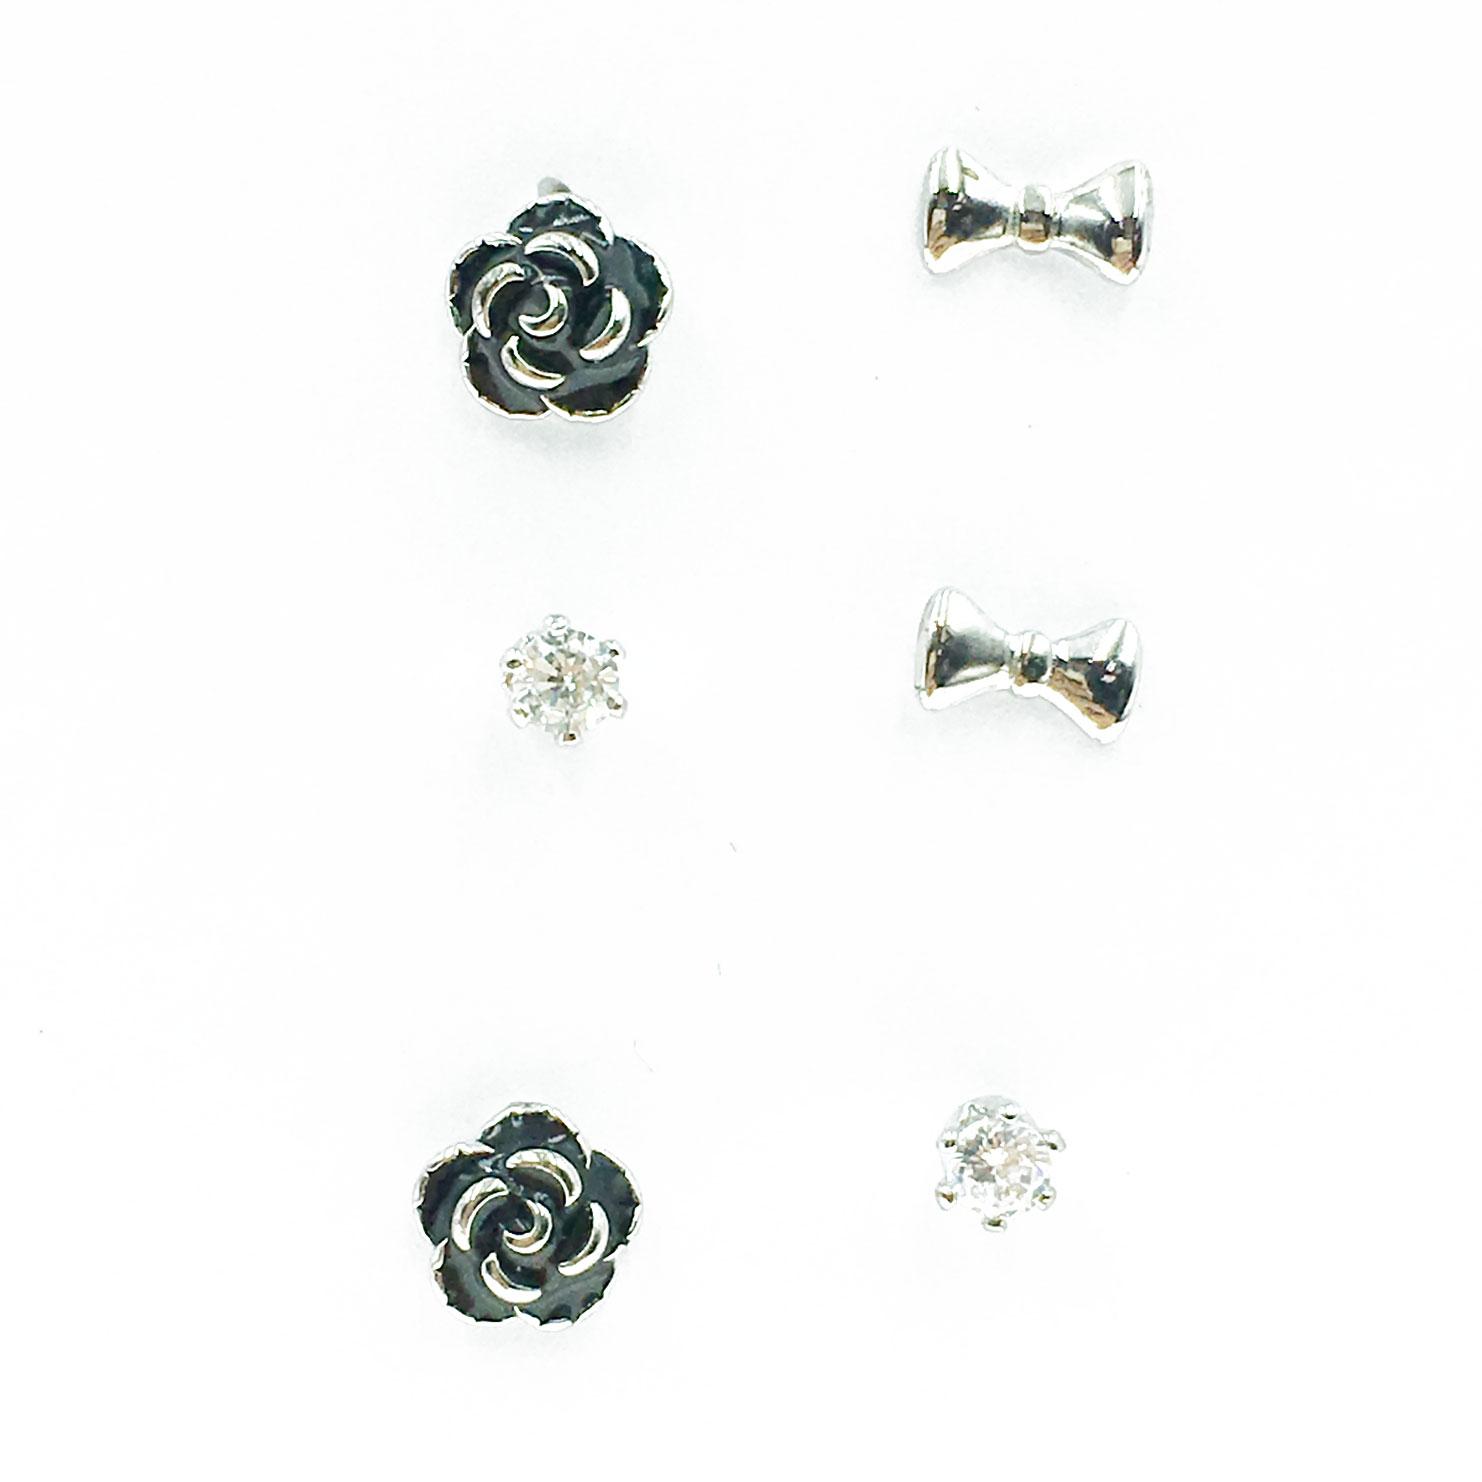 韓國 925純銀 水鑽 蝴蝶結 小香花 6入組 耳針式 耳環